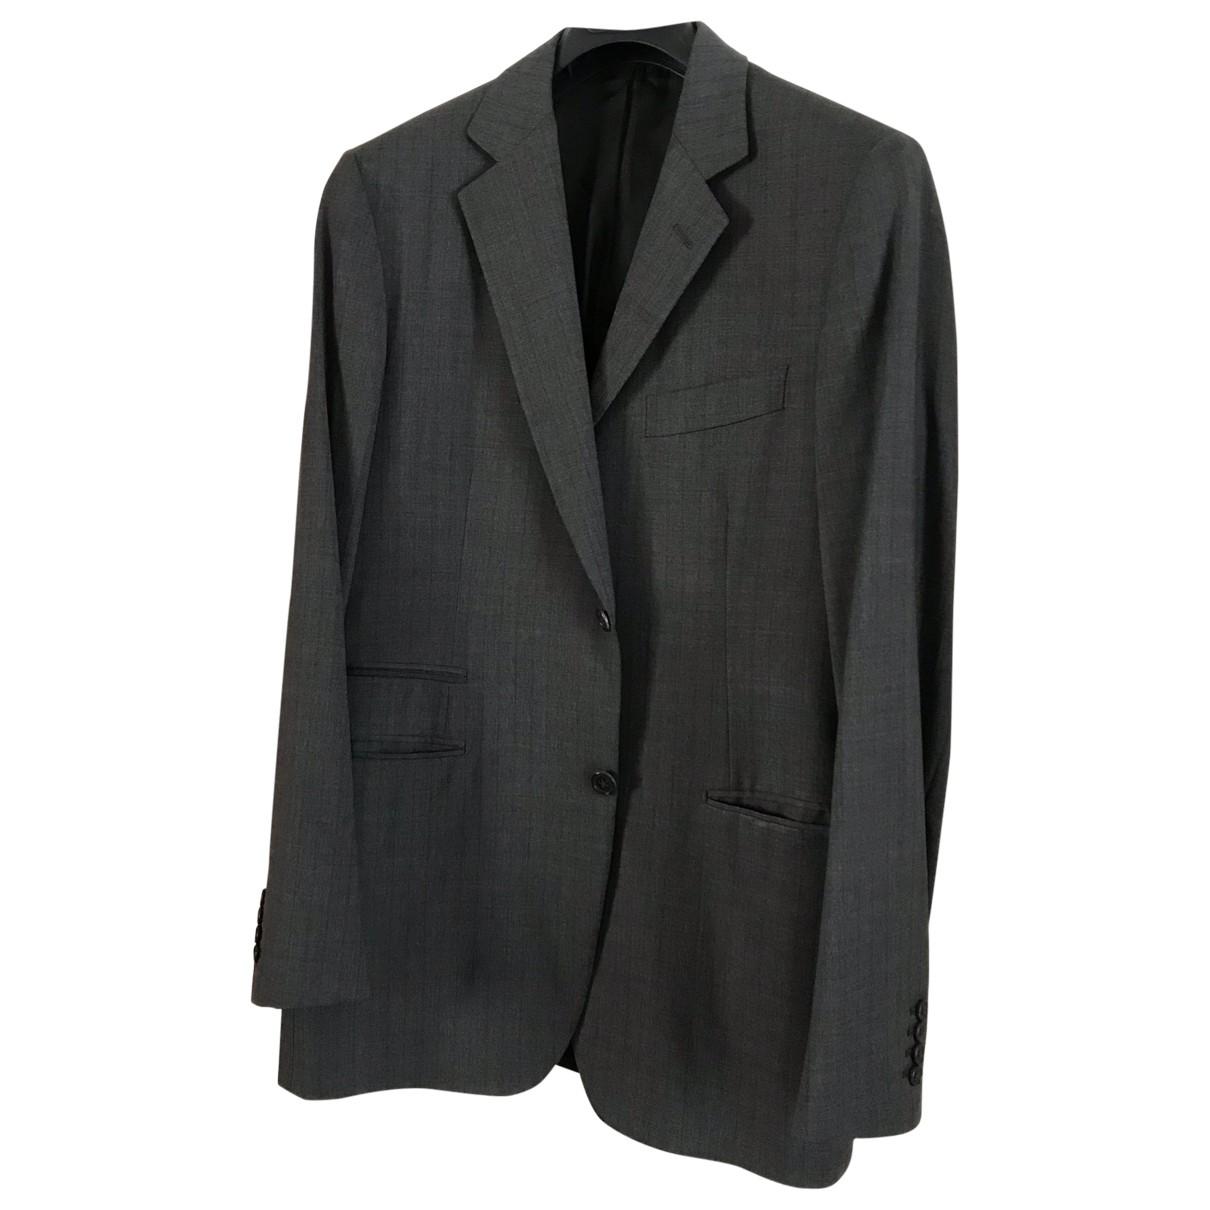 Hermes - Vestes.Blousons   pour homme en laine - gris